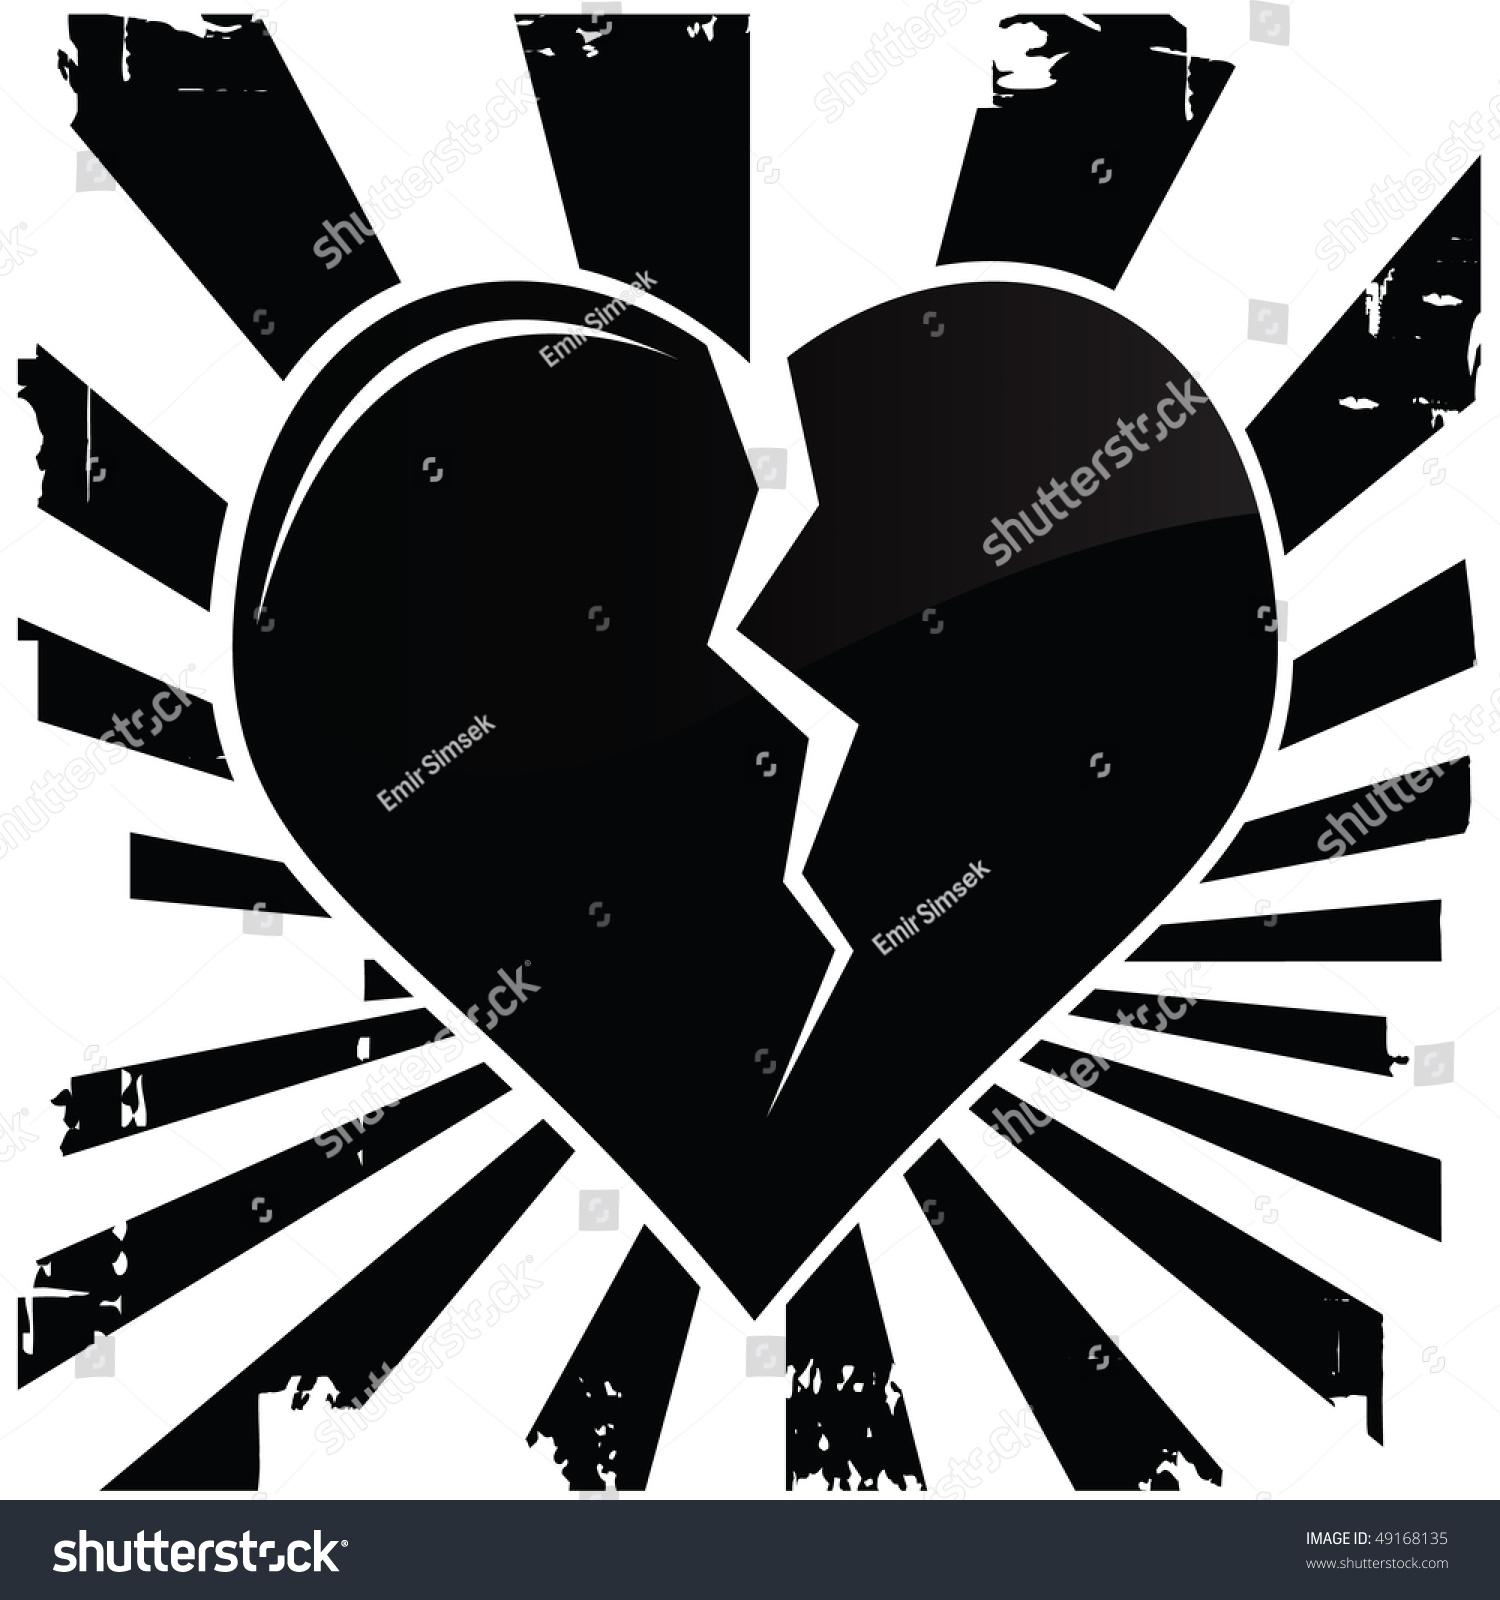 Broken Heart Stock Vector Illustration 49168135 : Shutterstock